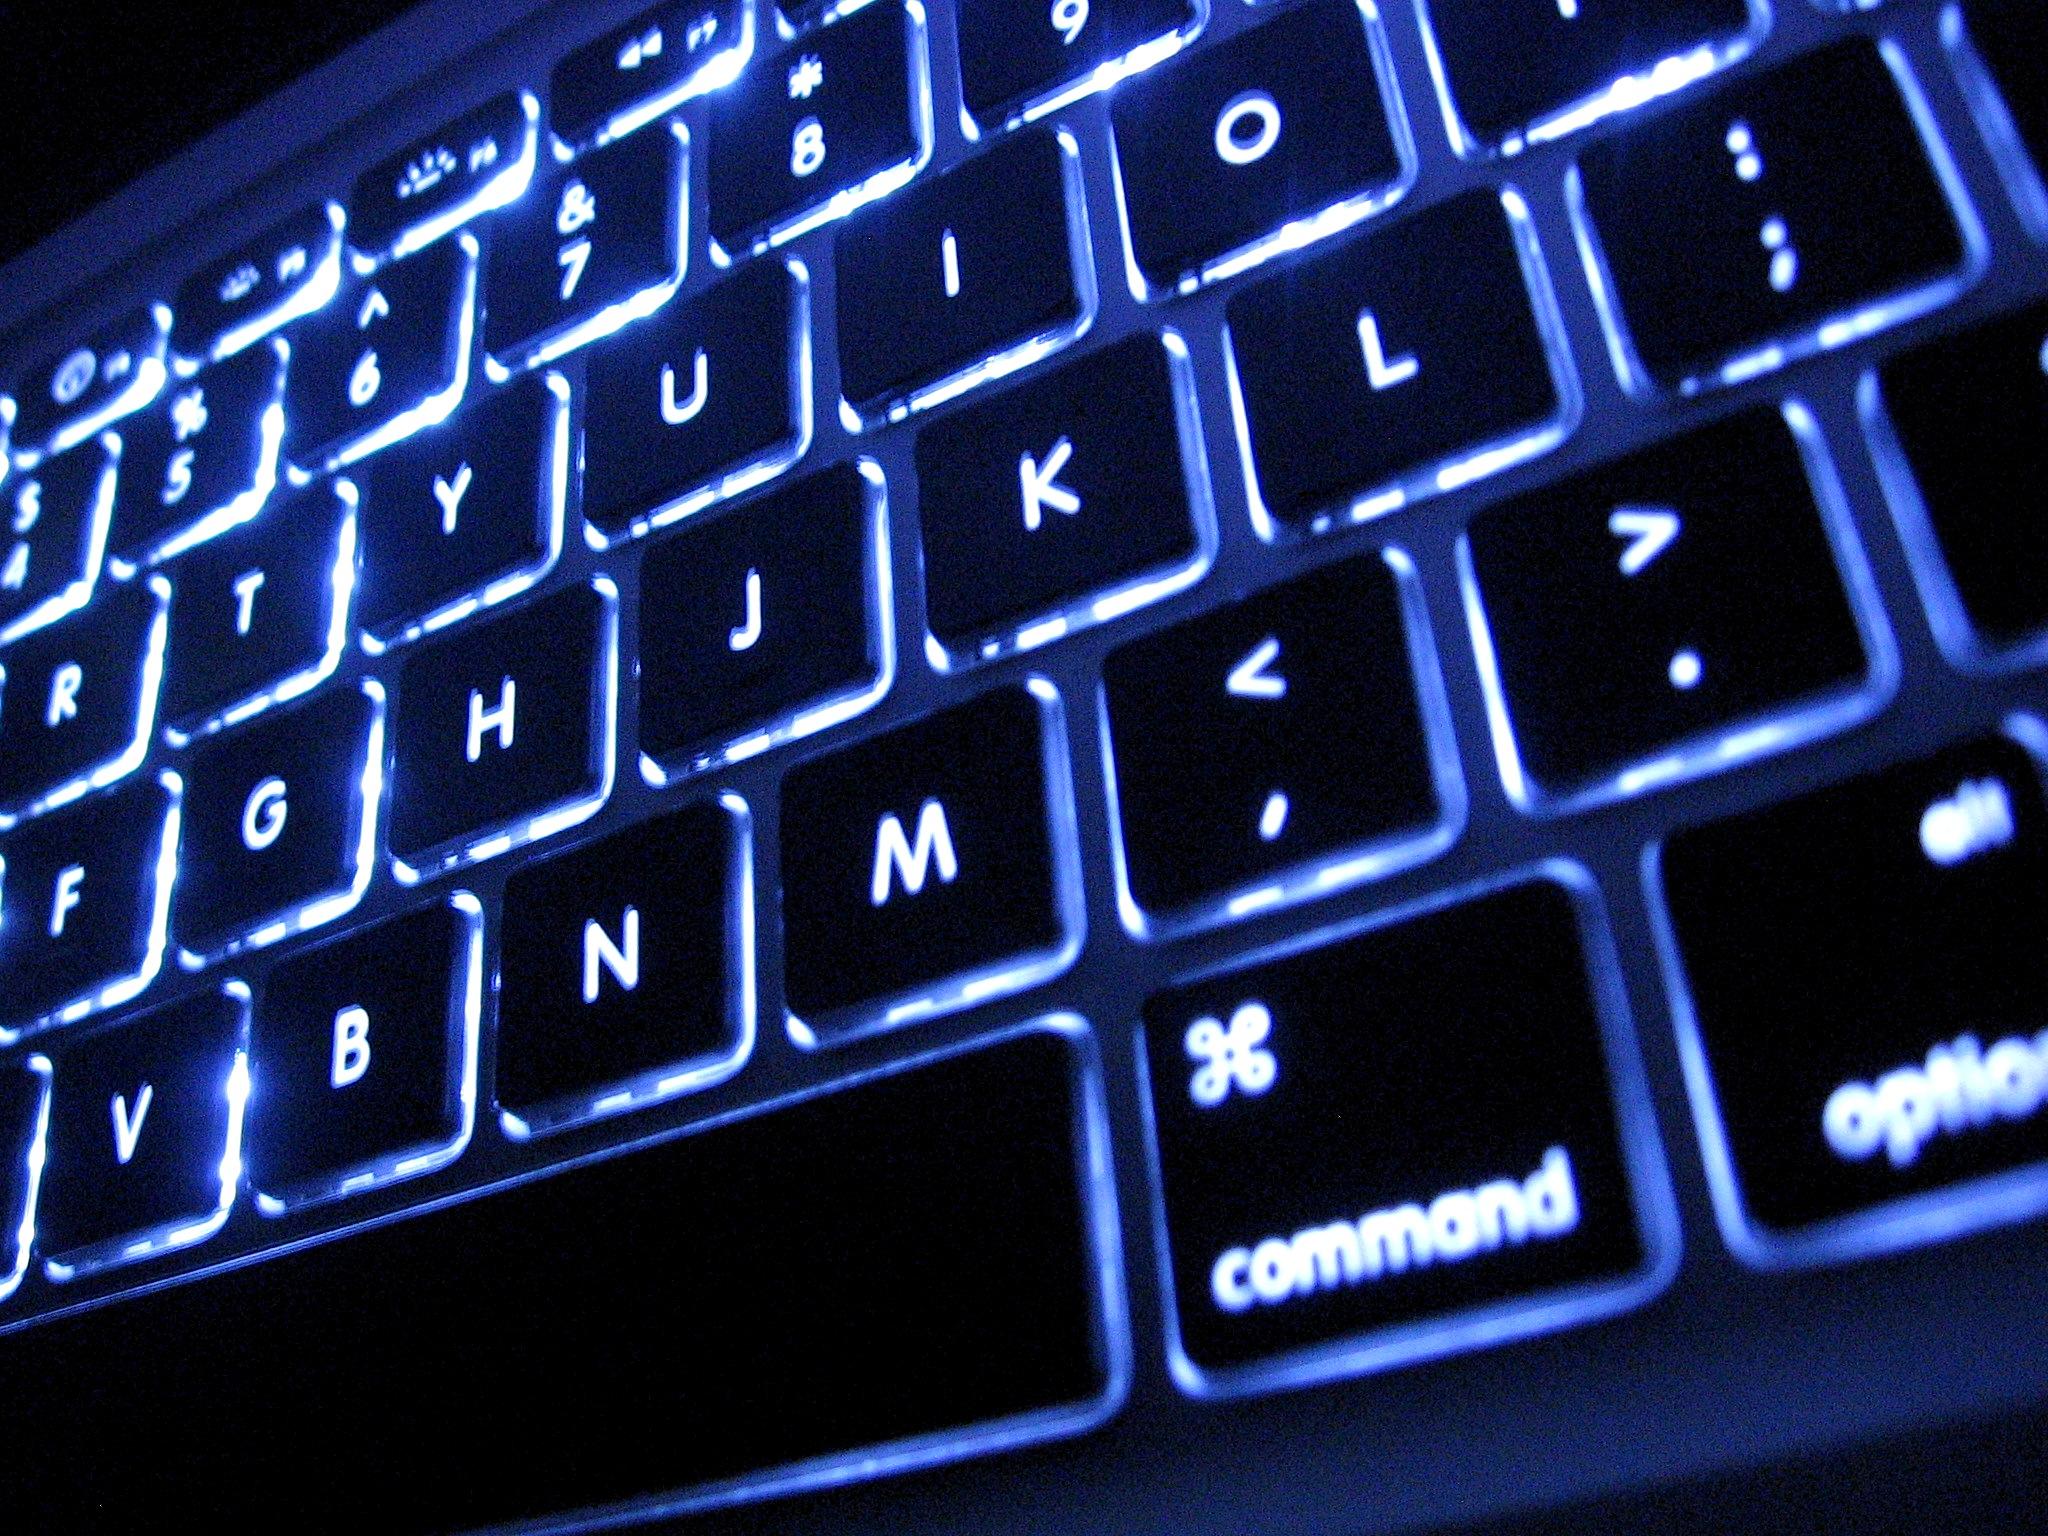 a keyboard glowing blue